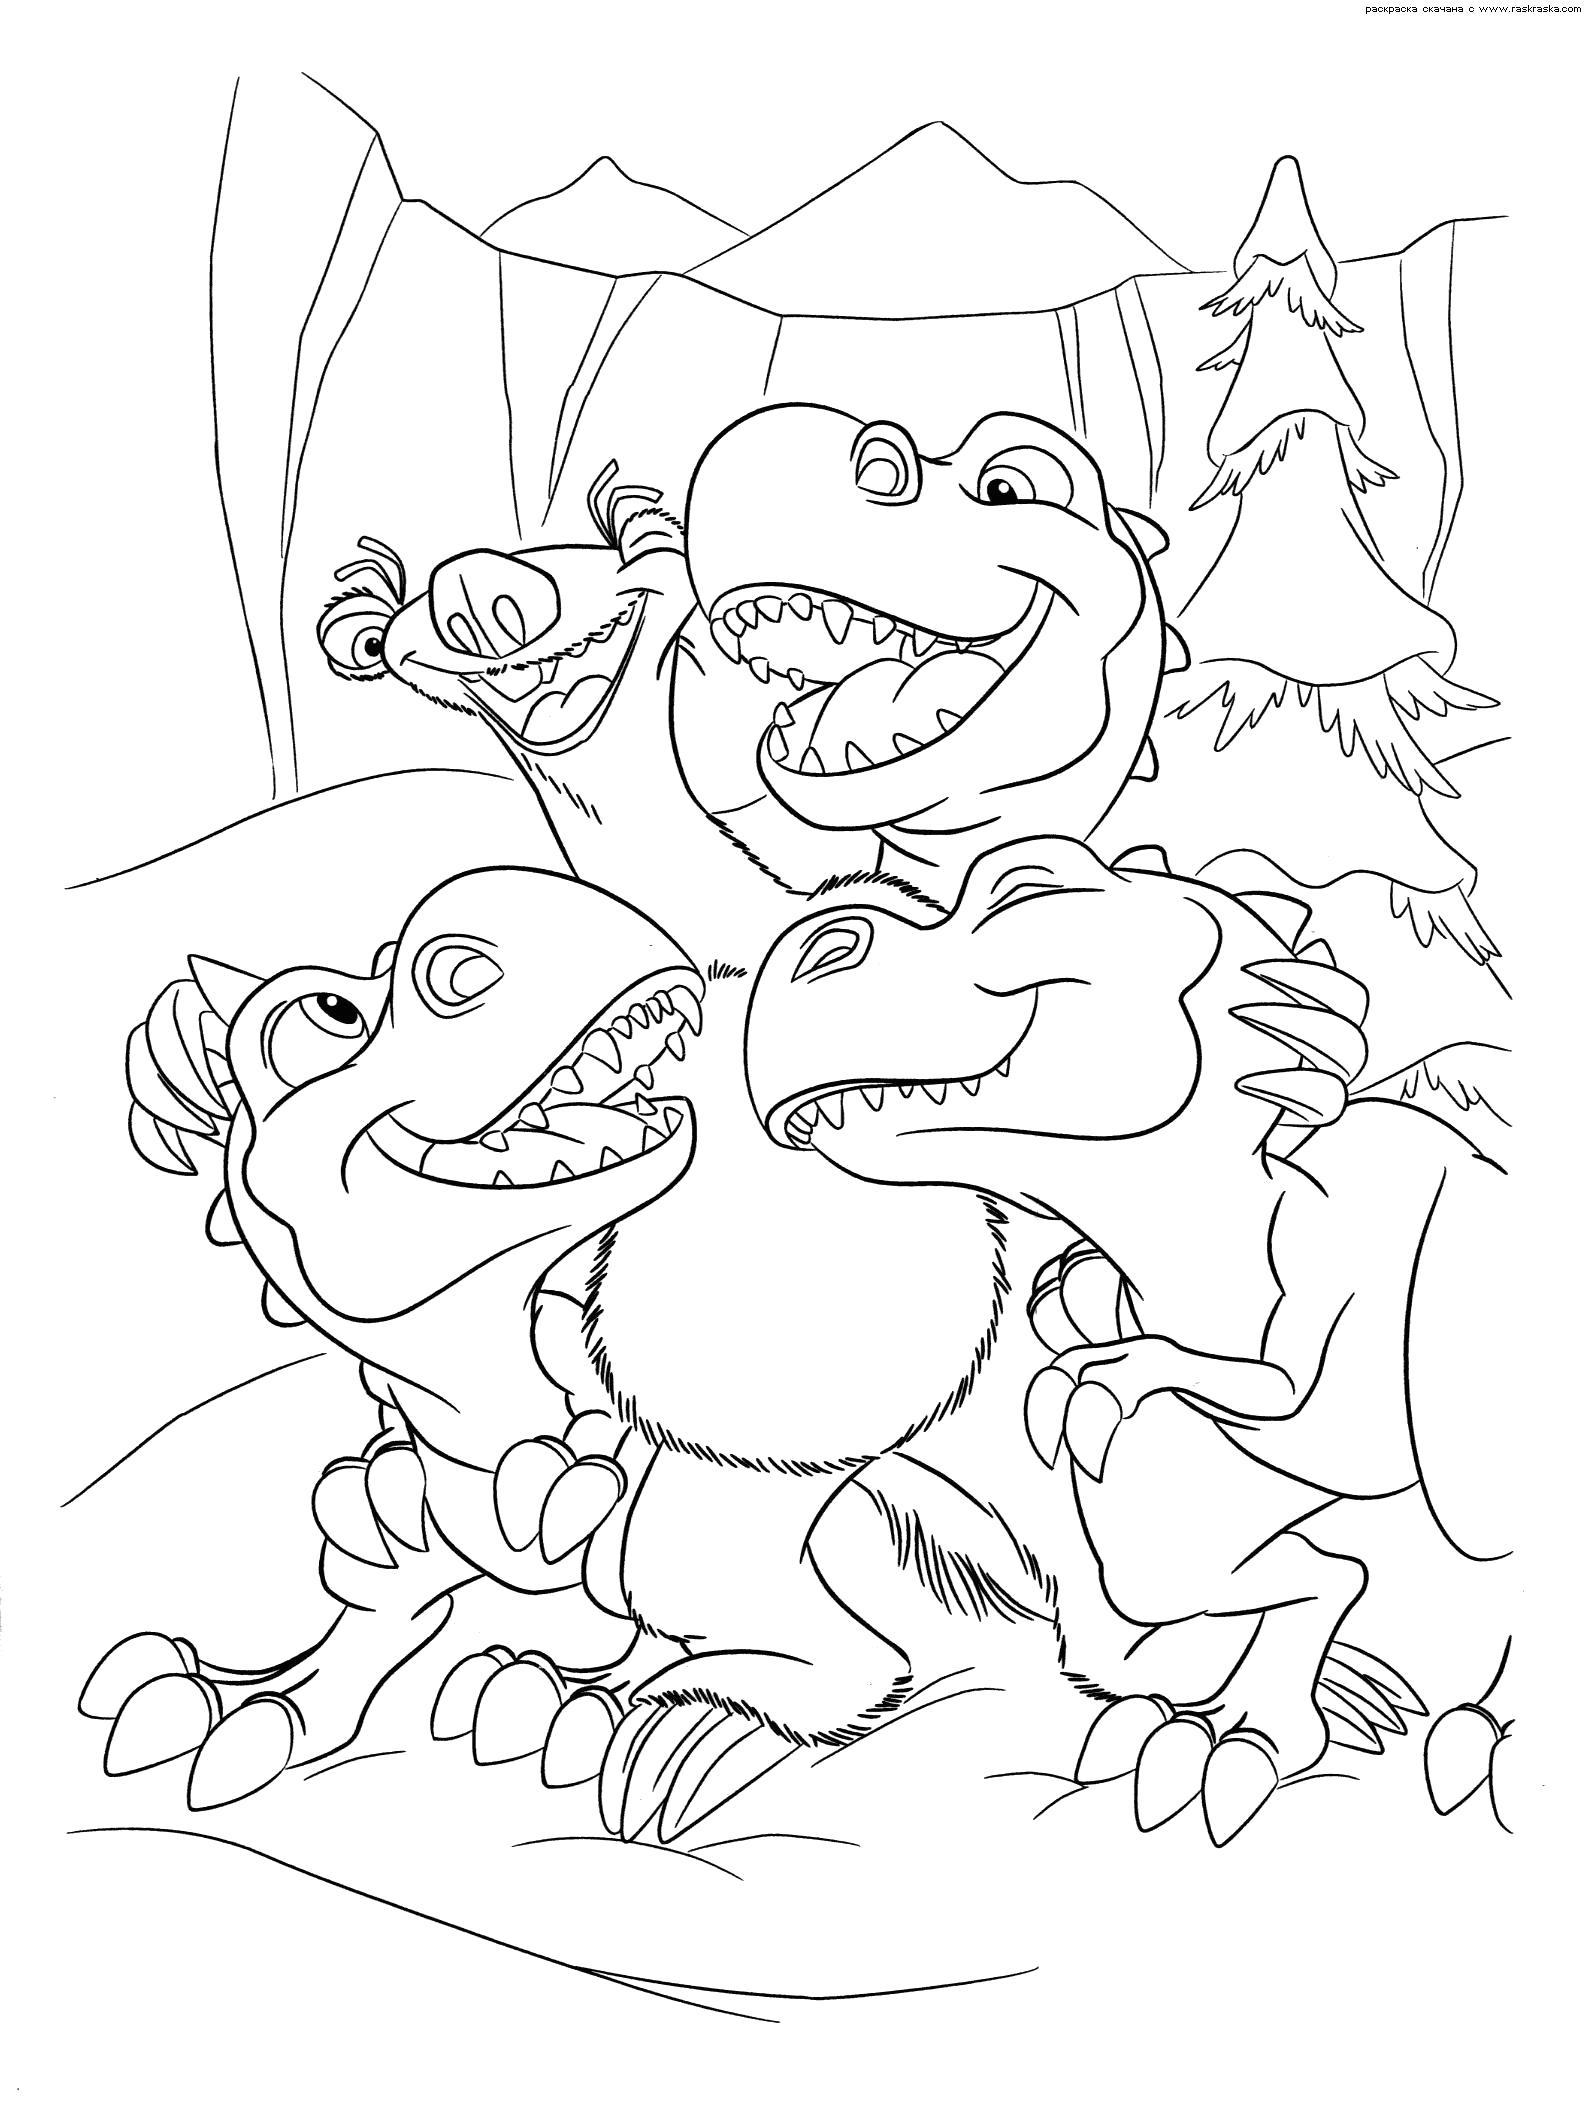 Раскраска  Сид стал мамой.  Динозаврики из мультфильма Ледниковый период 3 : Эра динозавров скачать бесплатно раскраску для ребенка, раскраску из мультика скачать. Скачать динозавр.  Распечатать динозавр